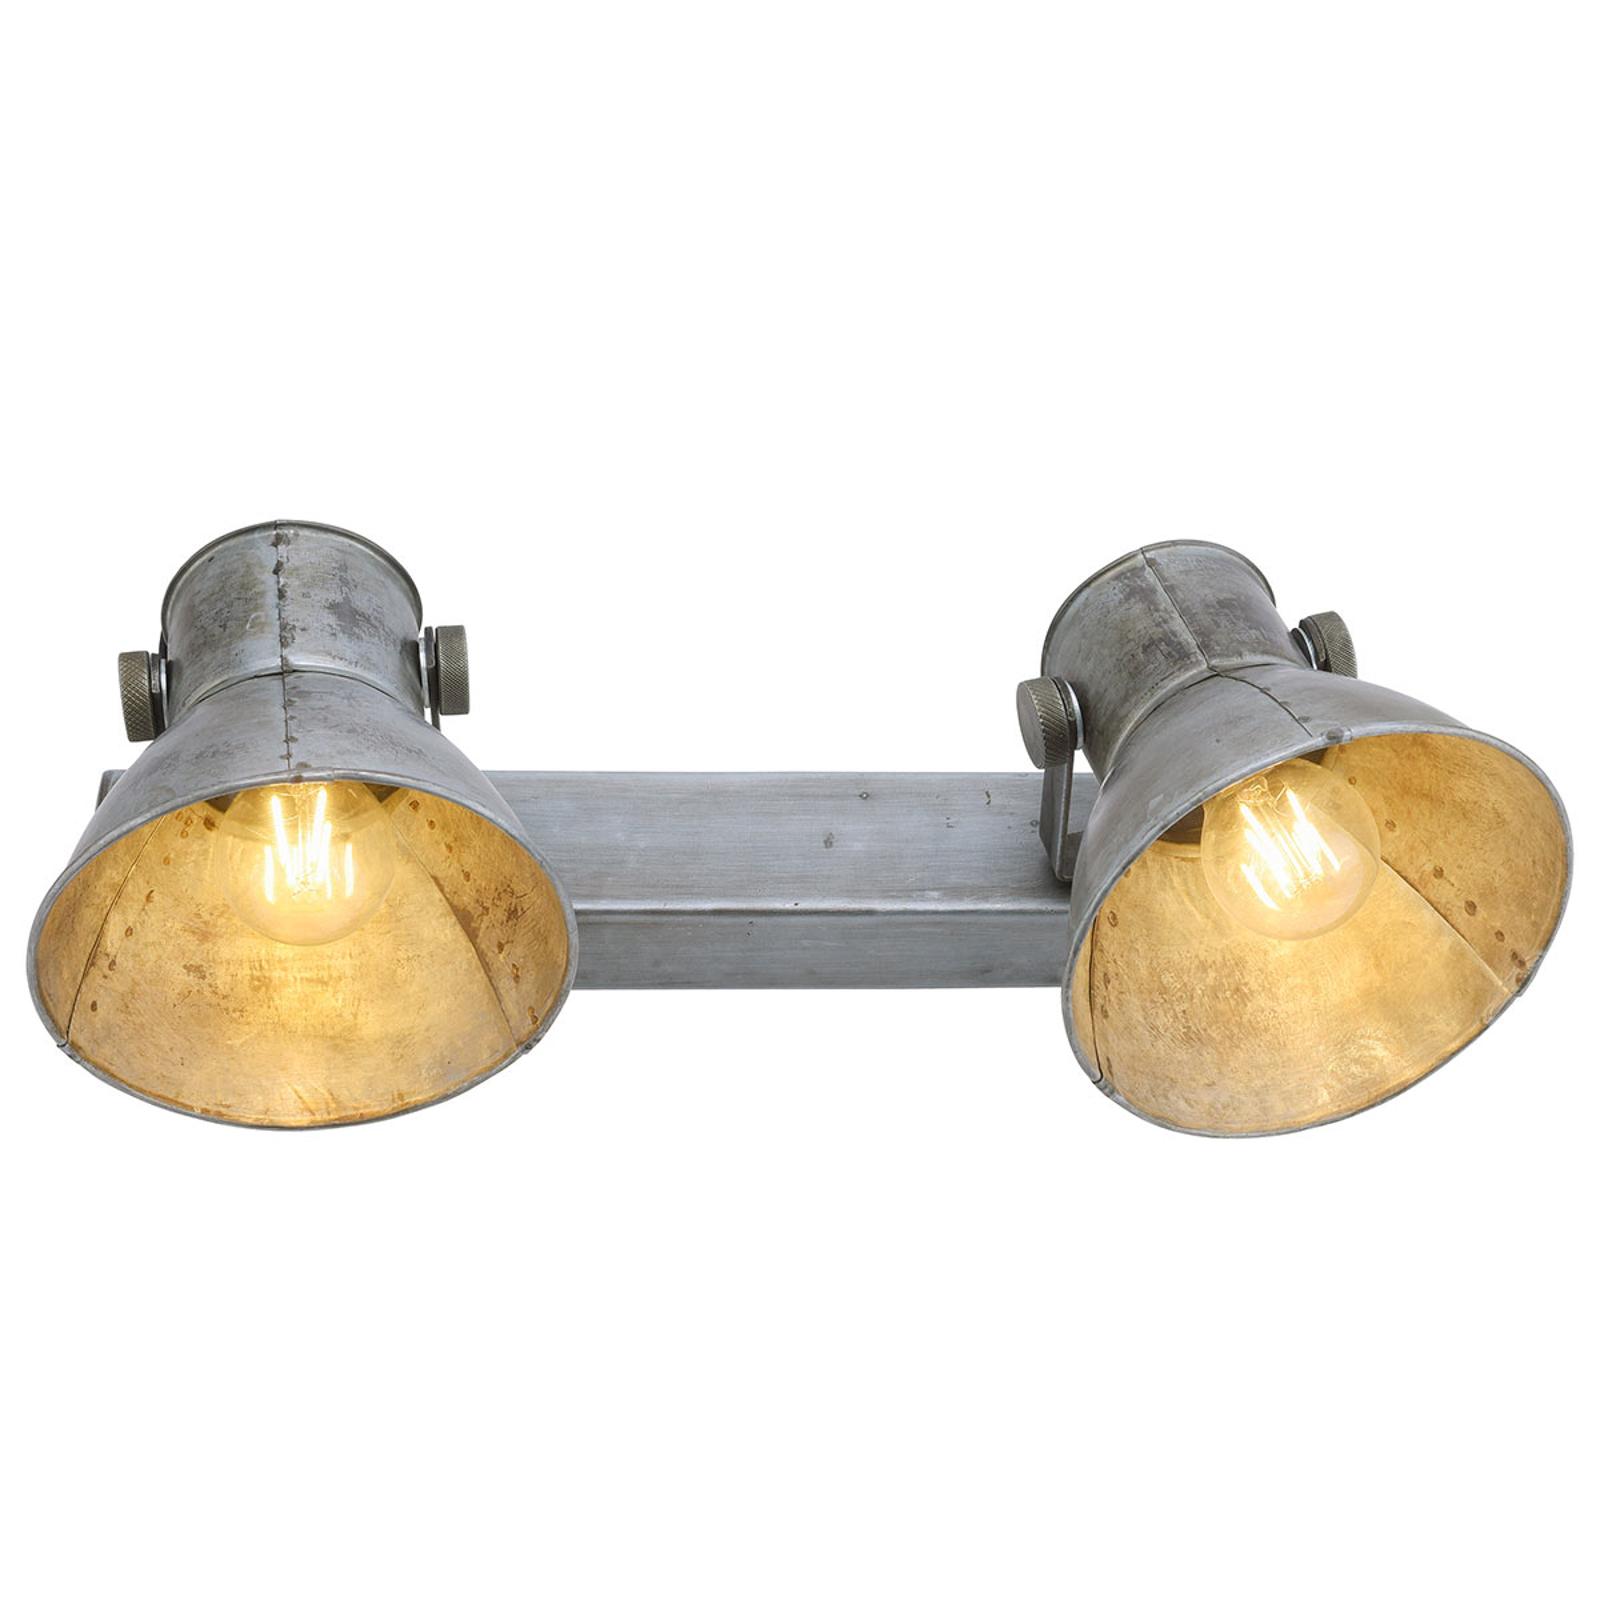 Gabriel - 2-pkt lampa sufitowa z ruchomymi spotami